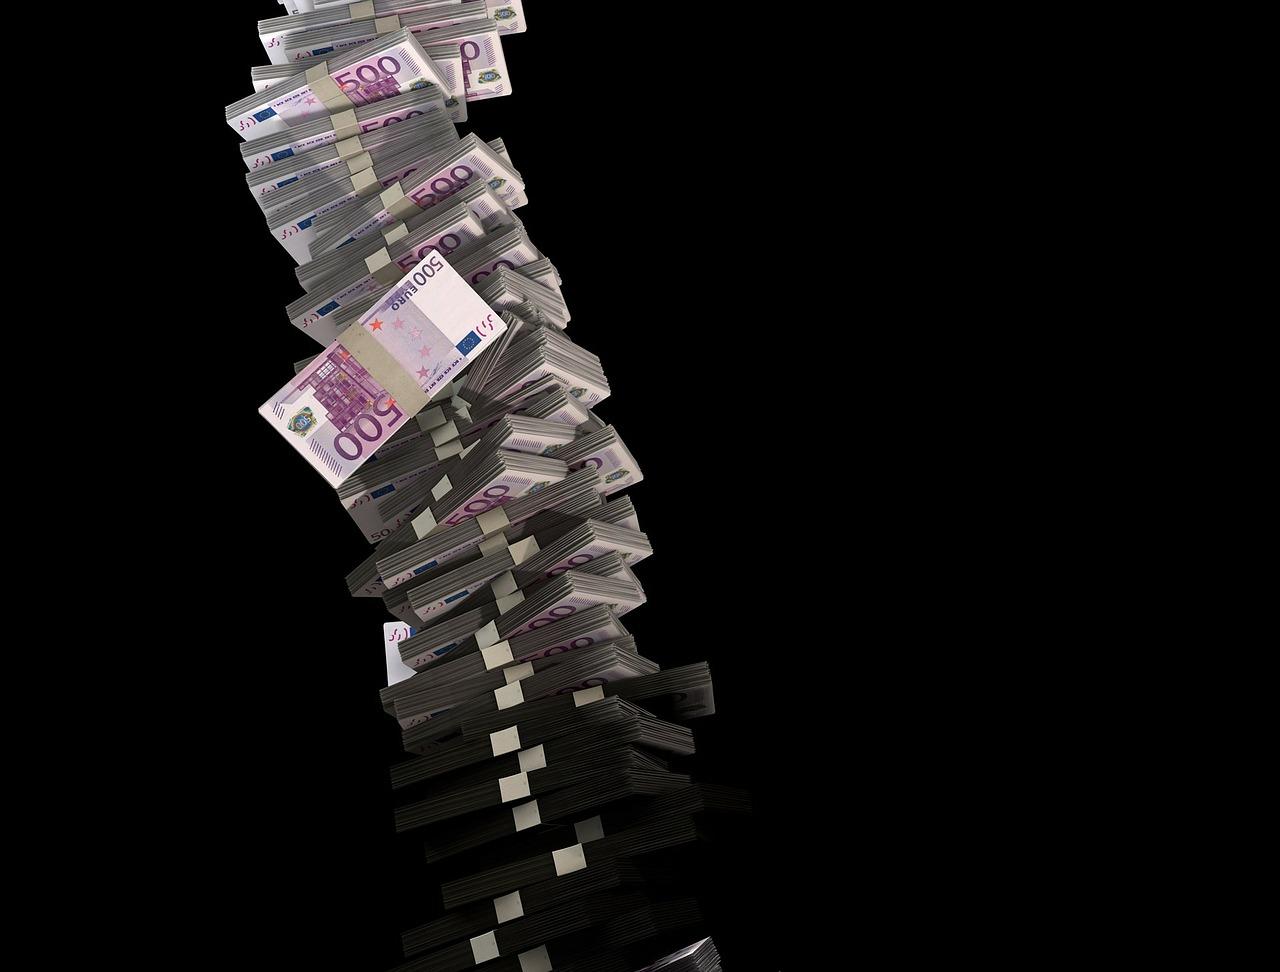 La signature française très appréciée sur les marchés financiers